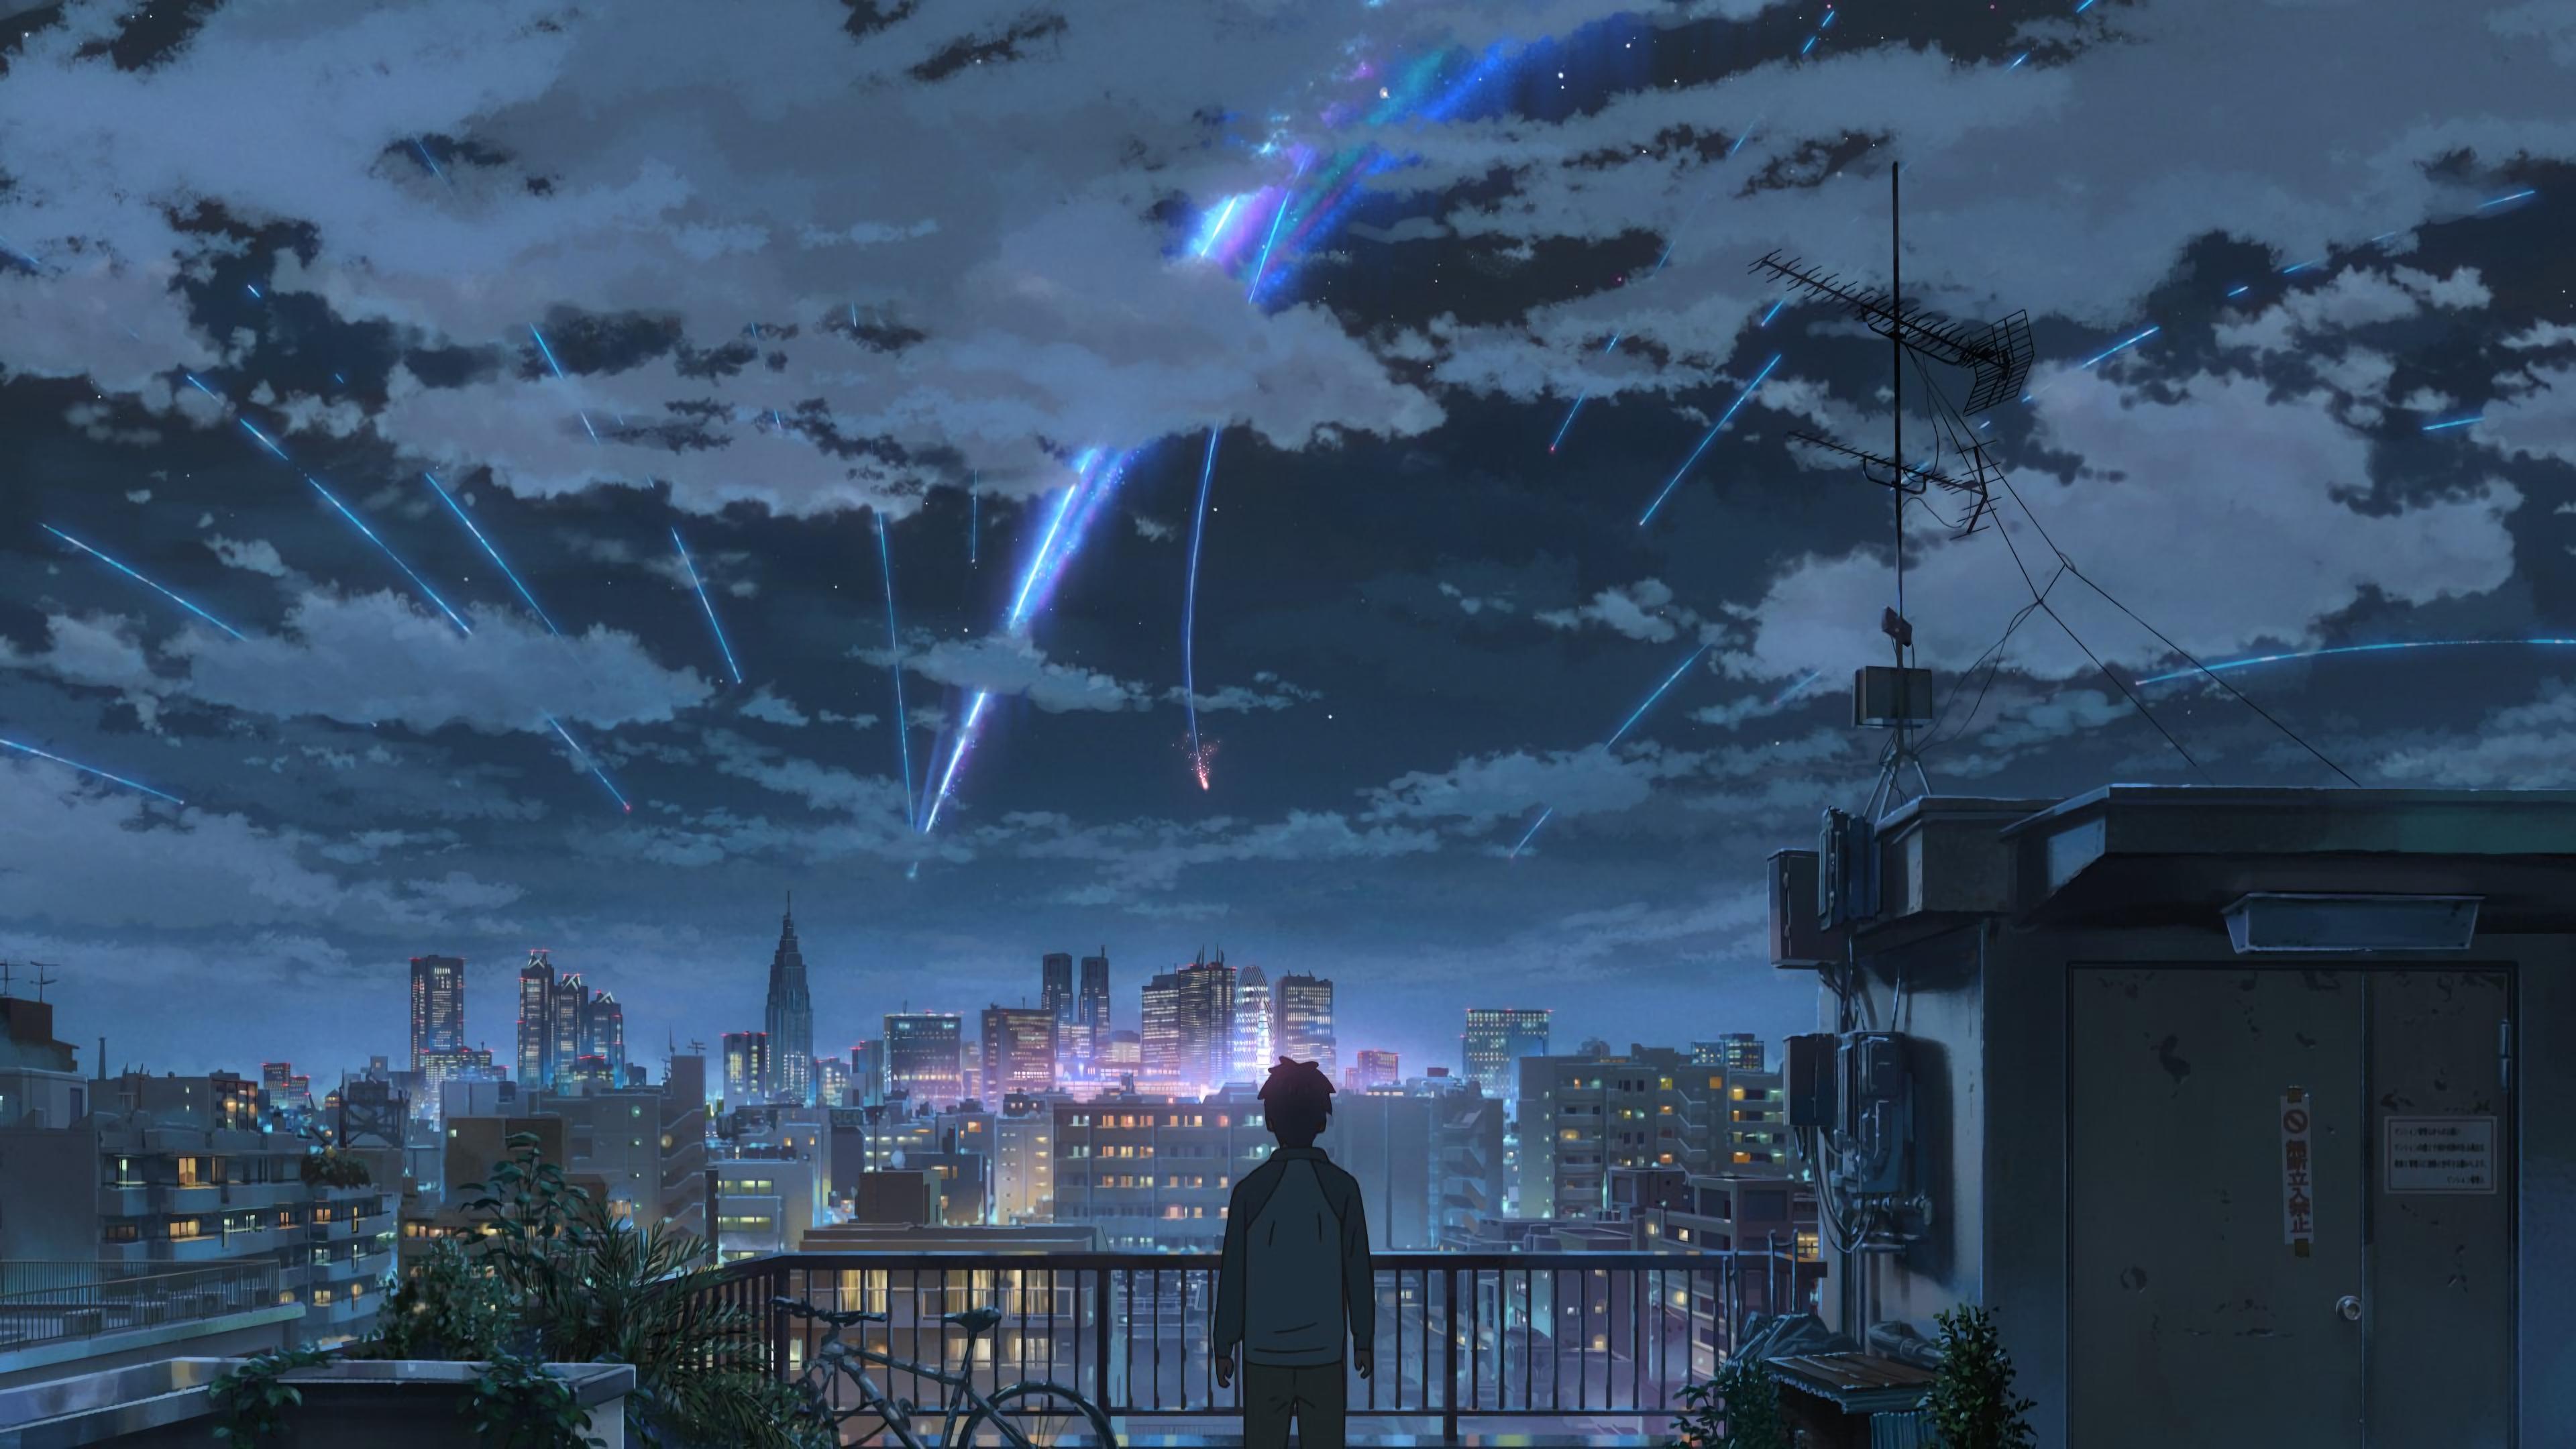 屋顶 天空 城市你的名字4K壁纸插图